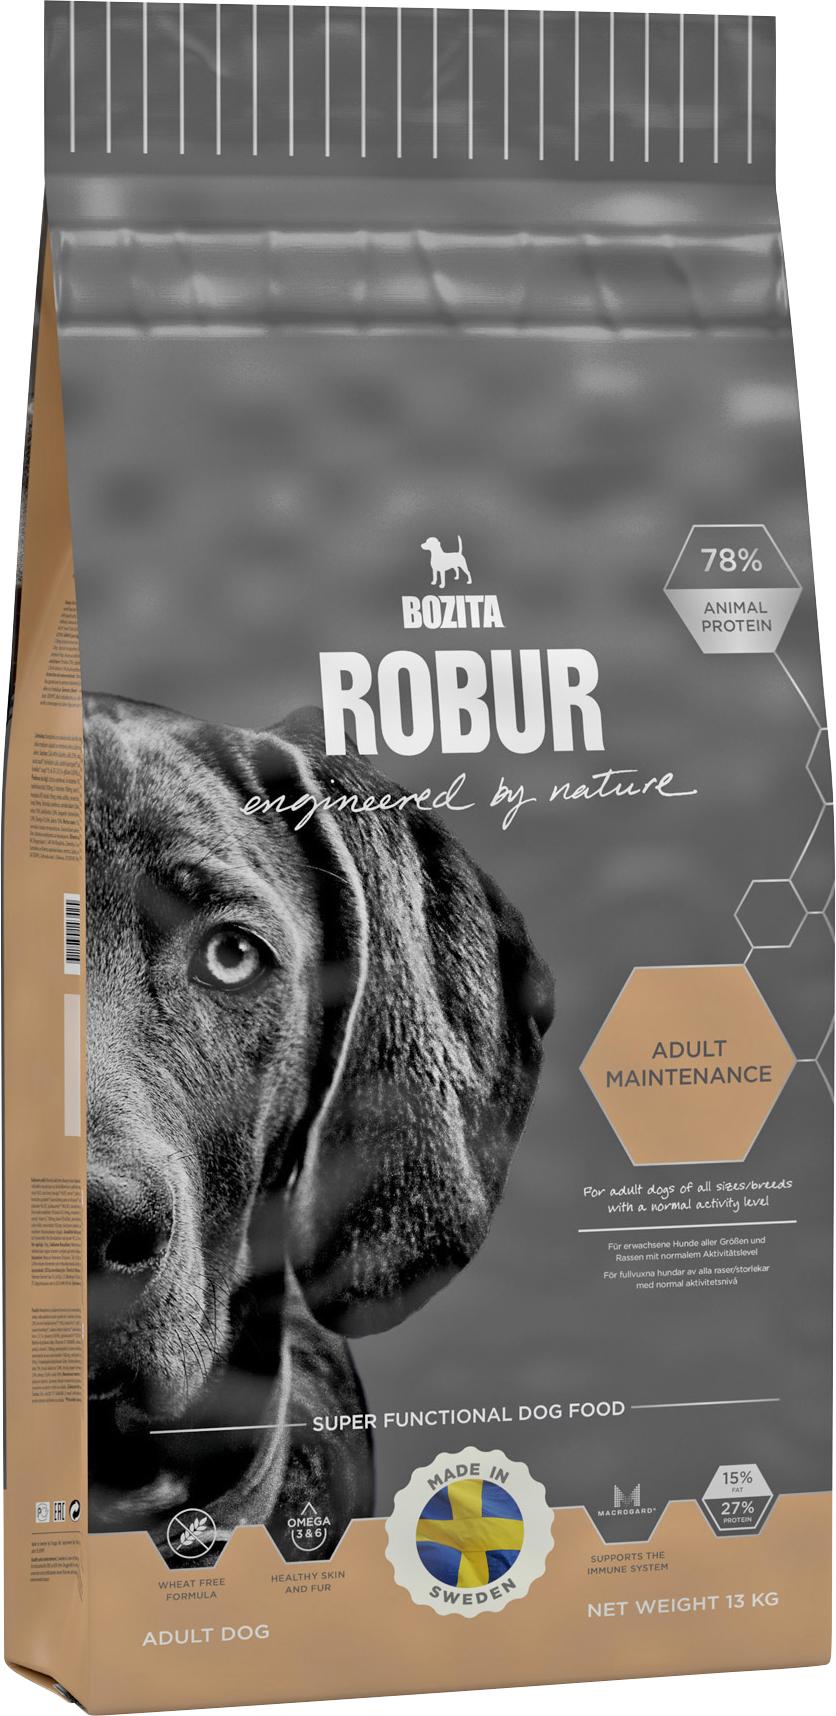 Hundfoder Bozita Robur Adult Maintenance, 13 kg